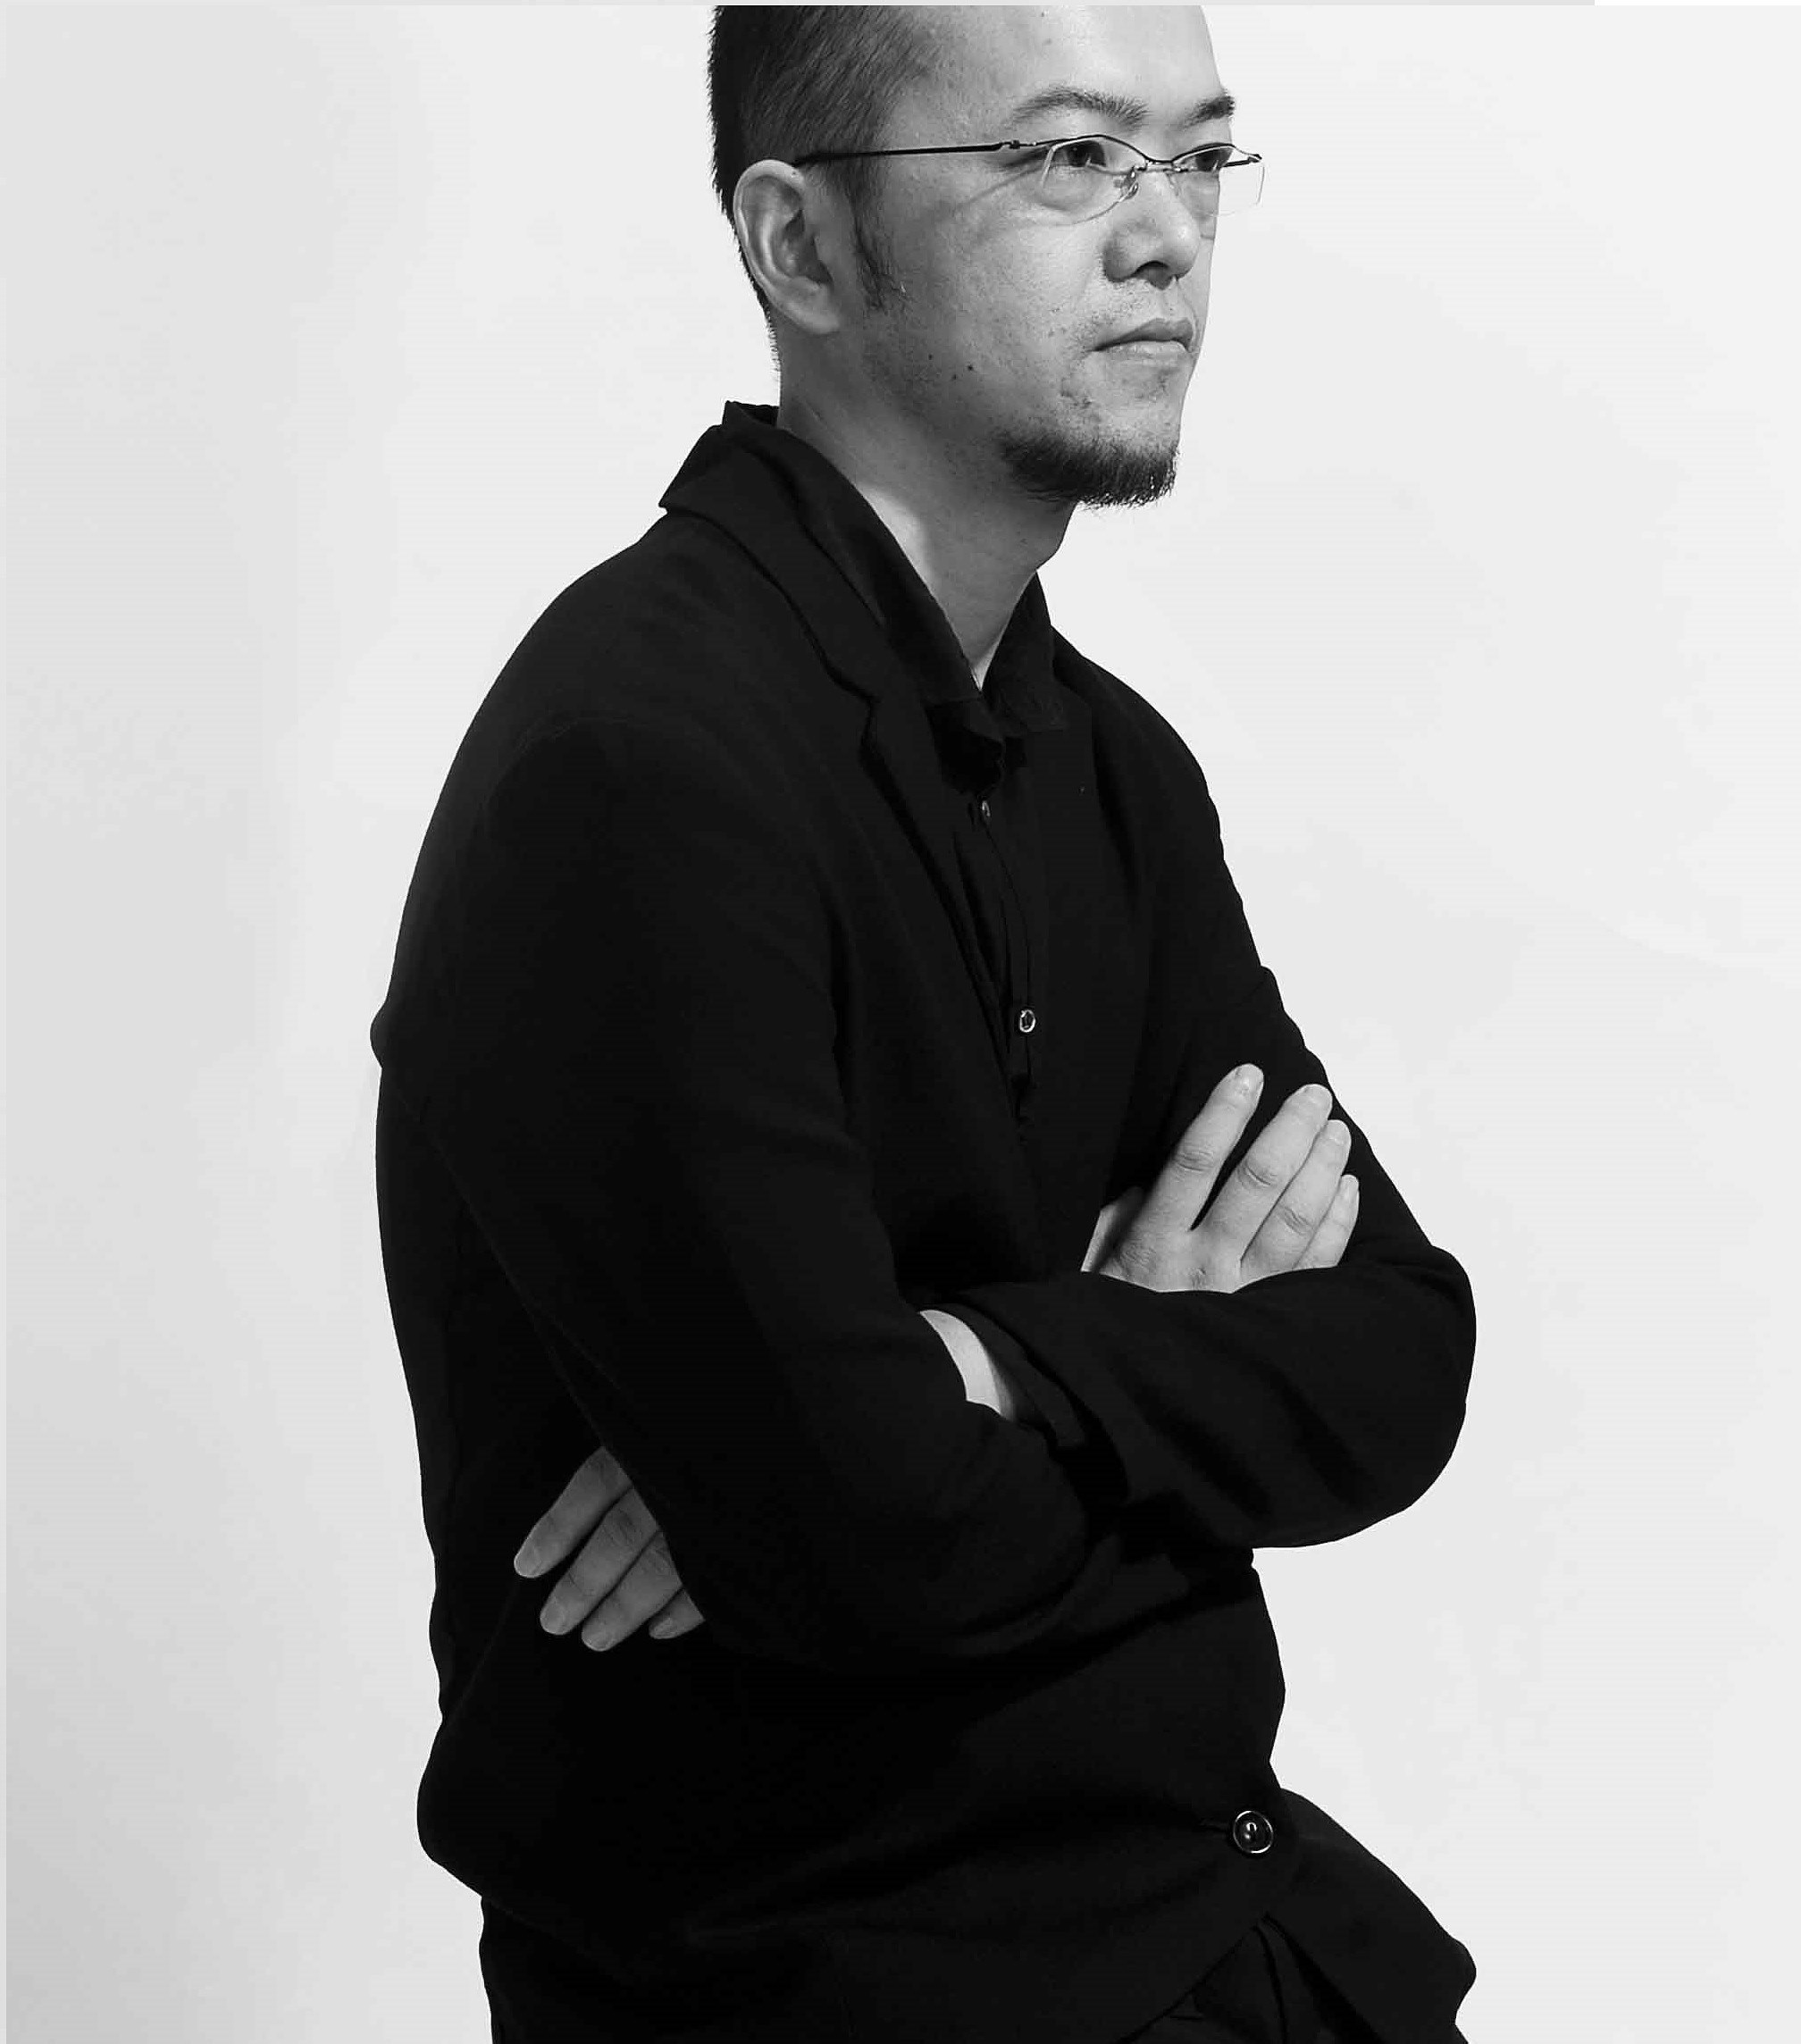 孔仲迅 Kong Zhongxun